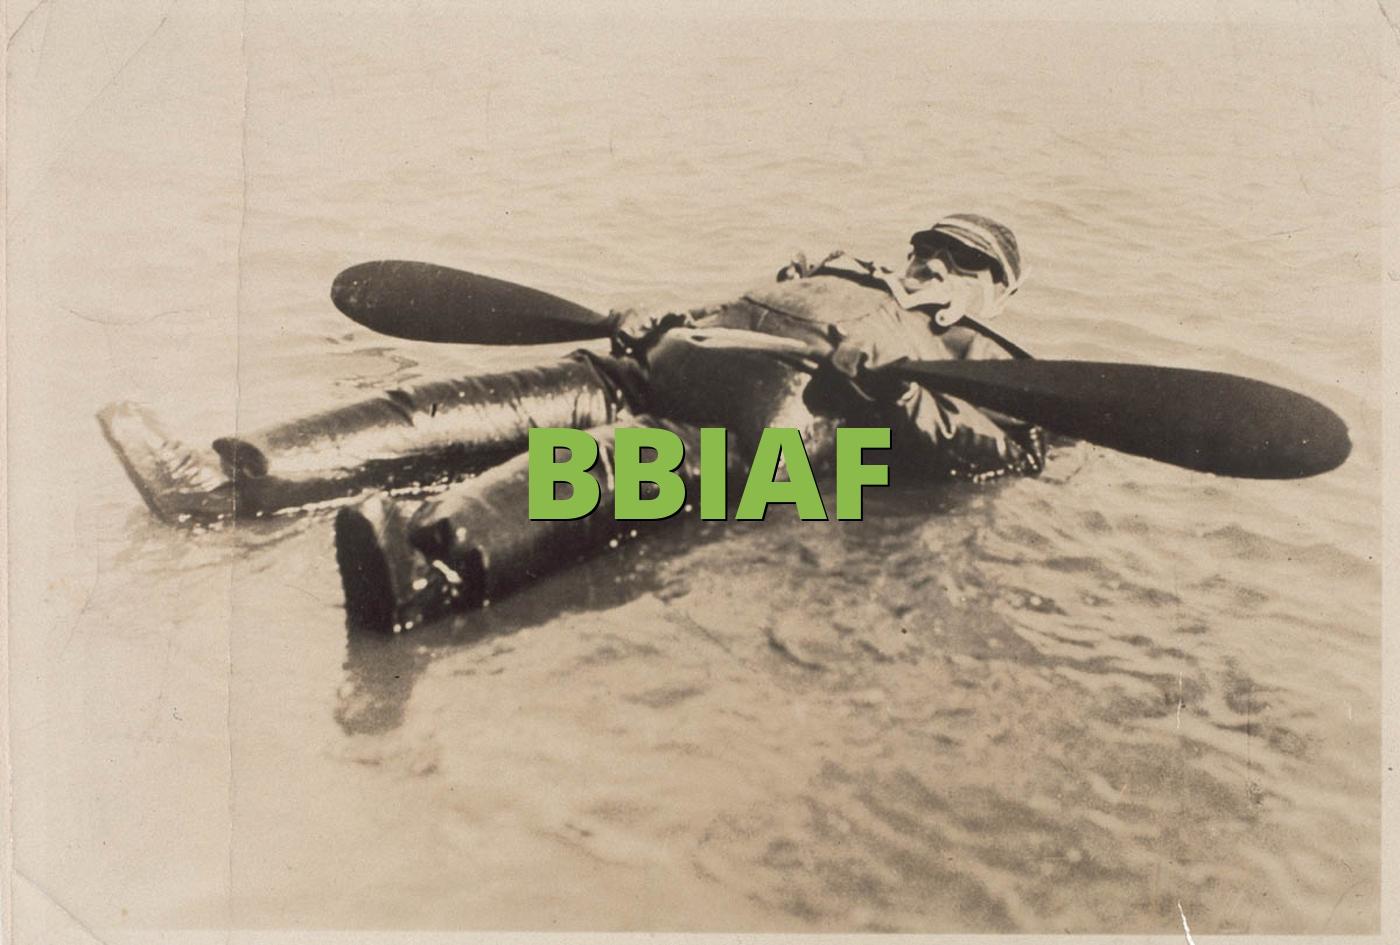 BBIAF